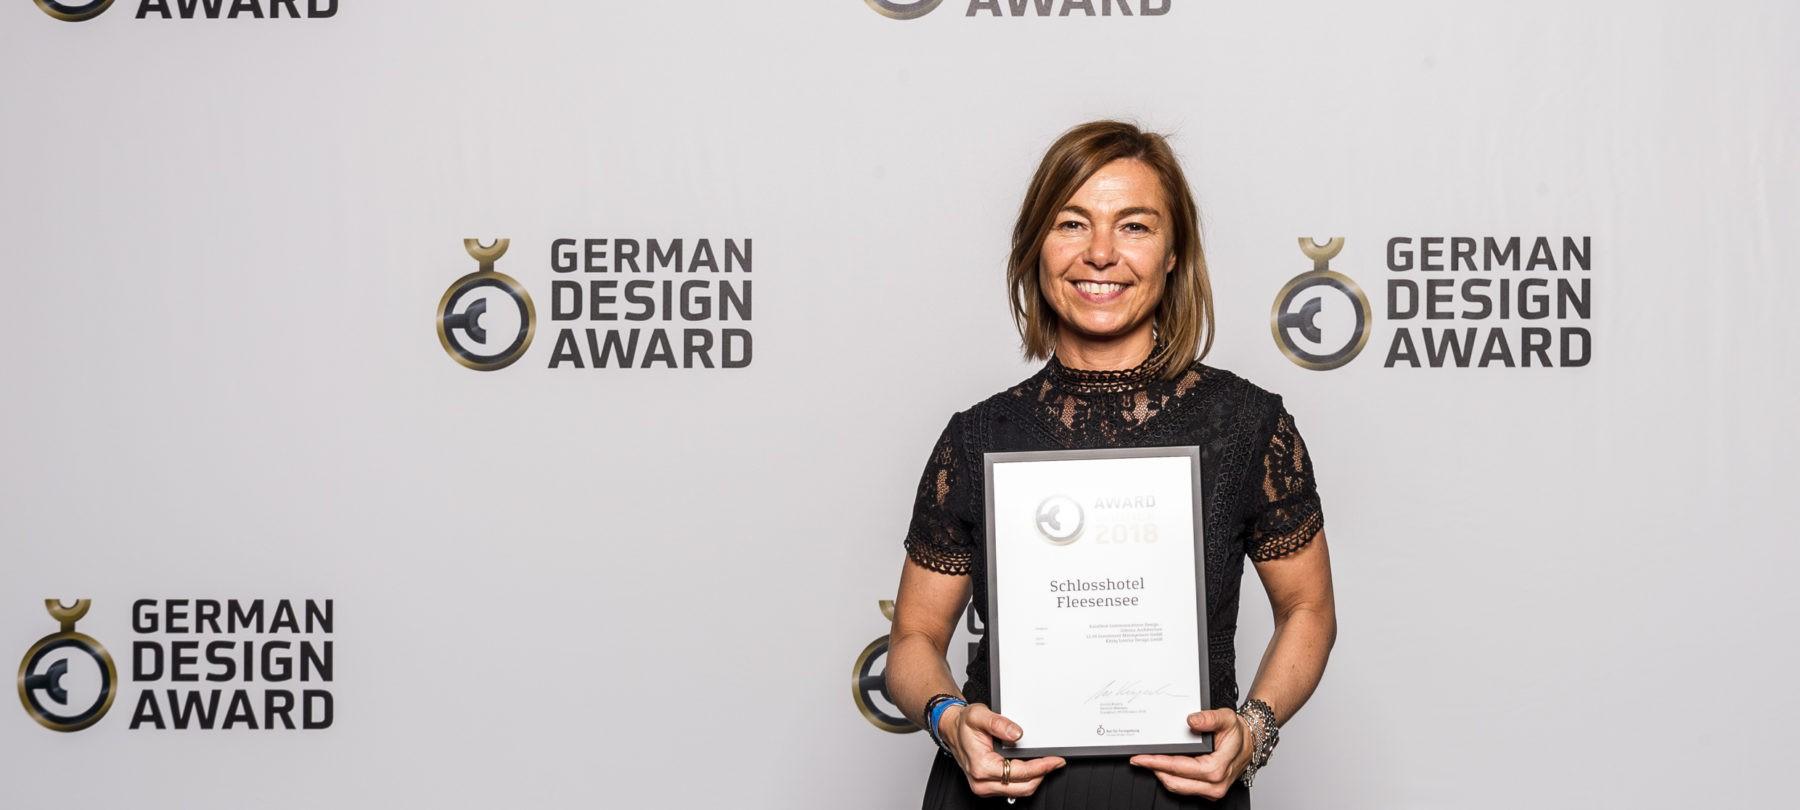 German Design Awards – Schlosshotel Fleesensee